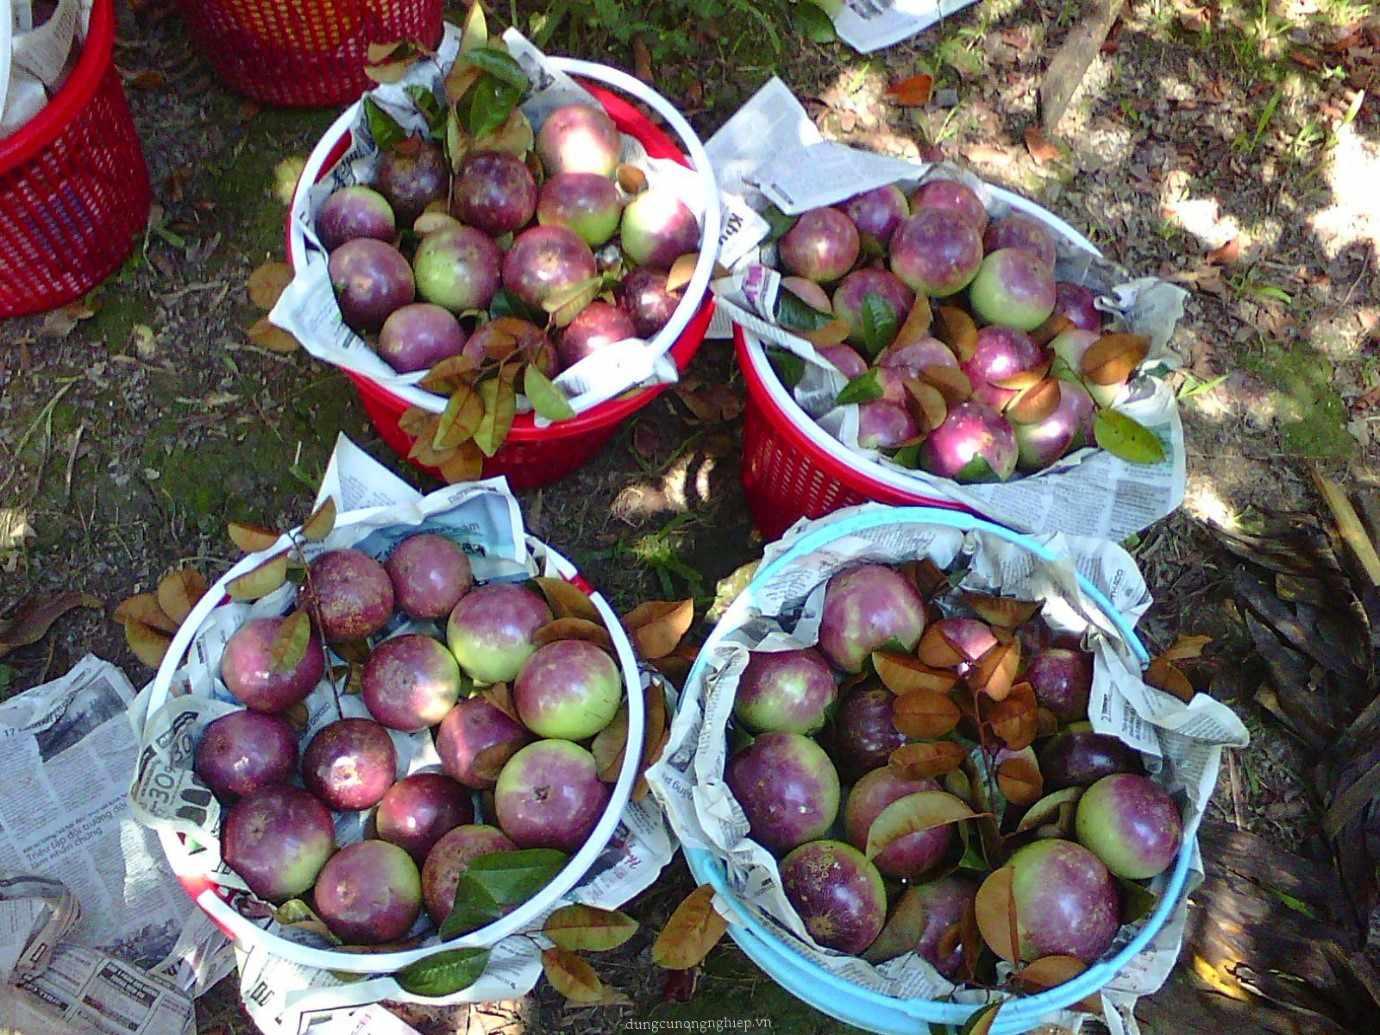 Nếu có đi tour Tiền Giang, hãy ghé qua miệt vườn Vĩnh Kim để thưởng thức những trái vú sữa ngọt mát này nhé.